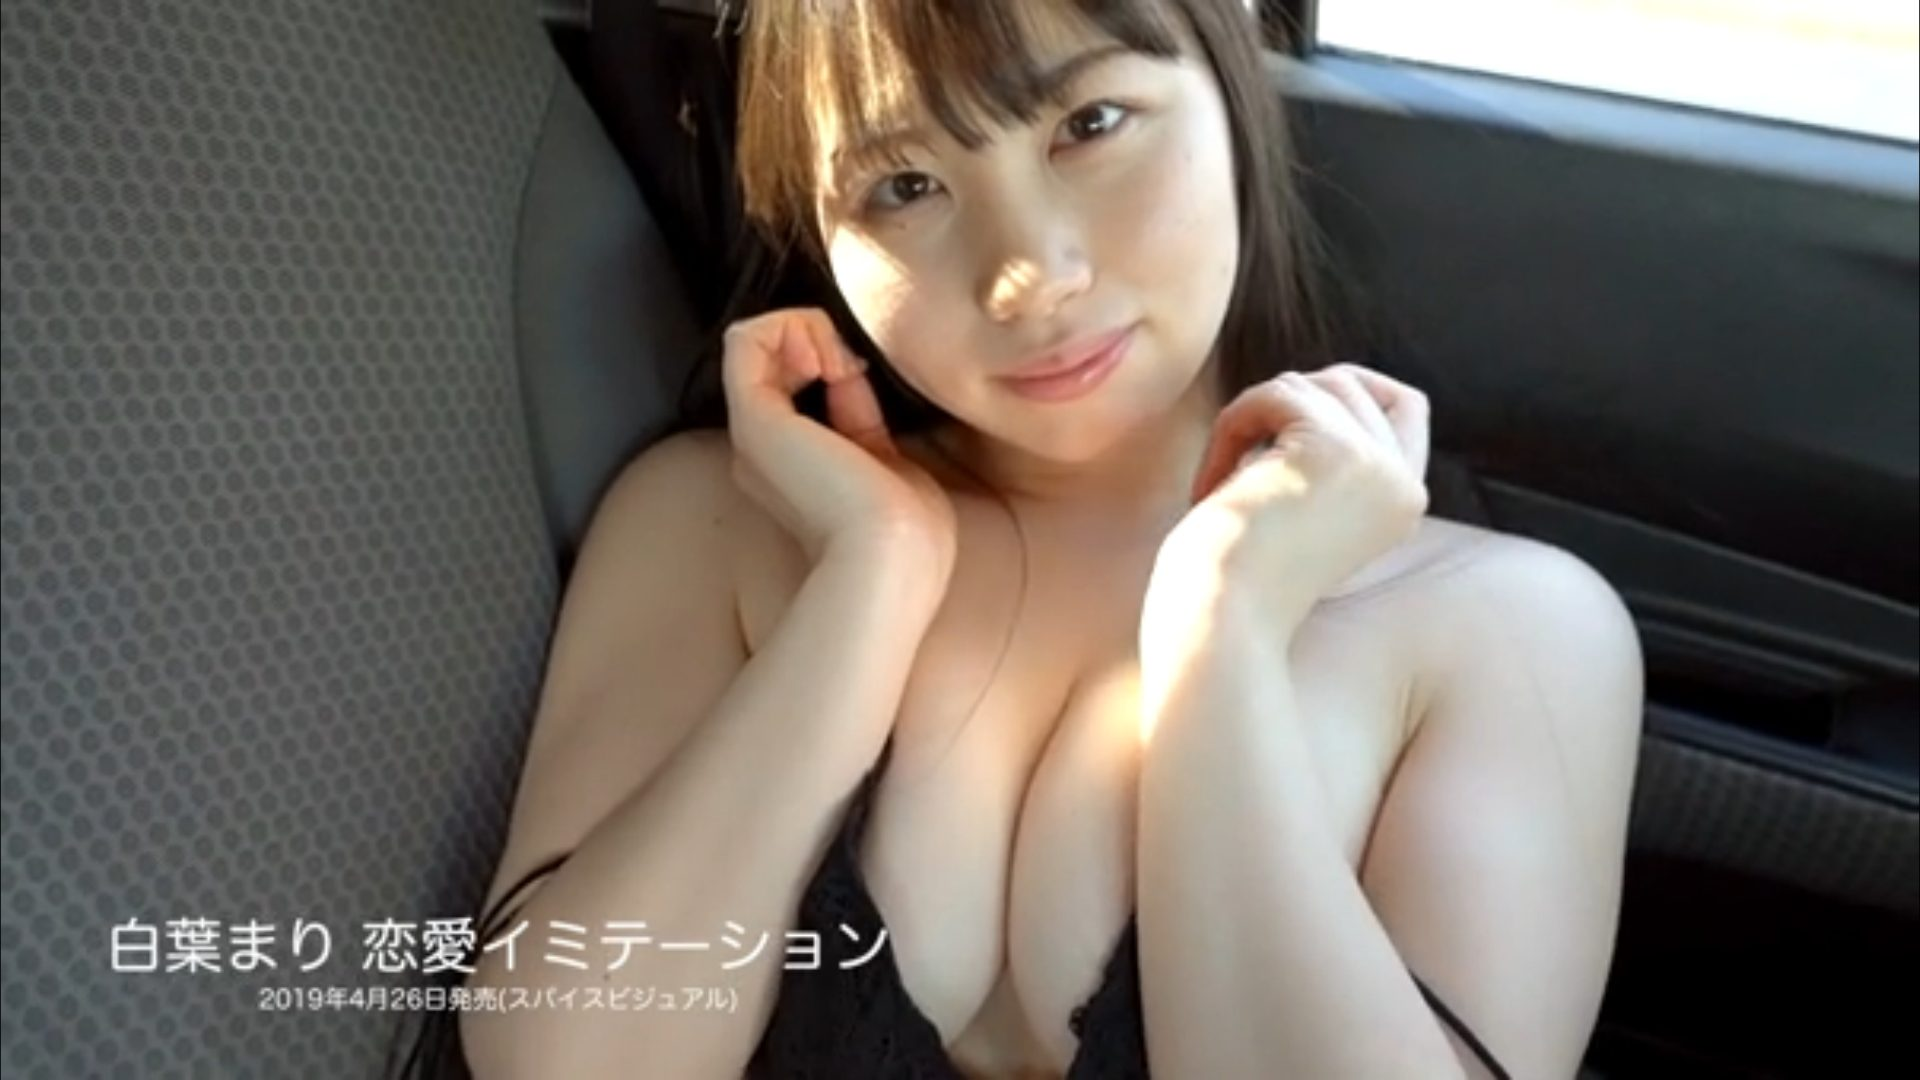 【白葉まり(青井まりん)】Fカップ2 「恋愛イミテーション」サンプル動画